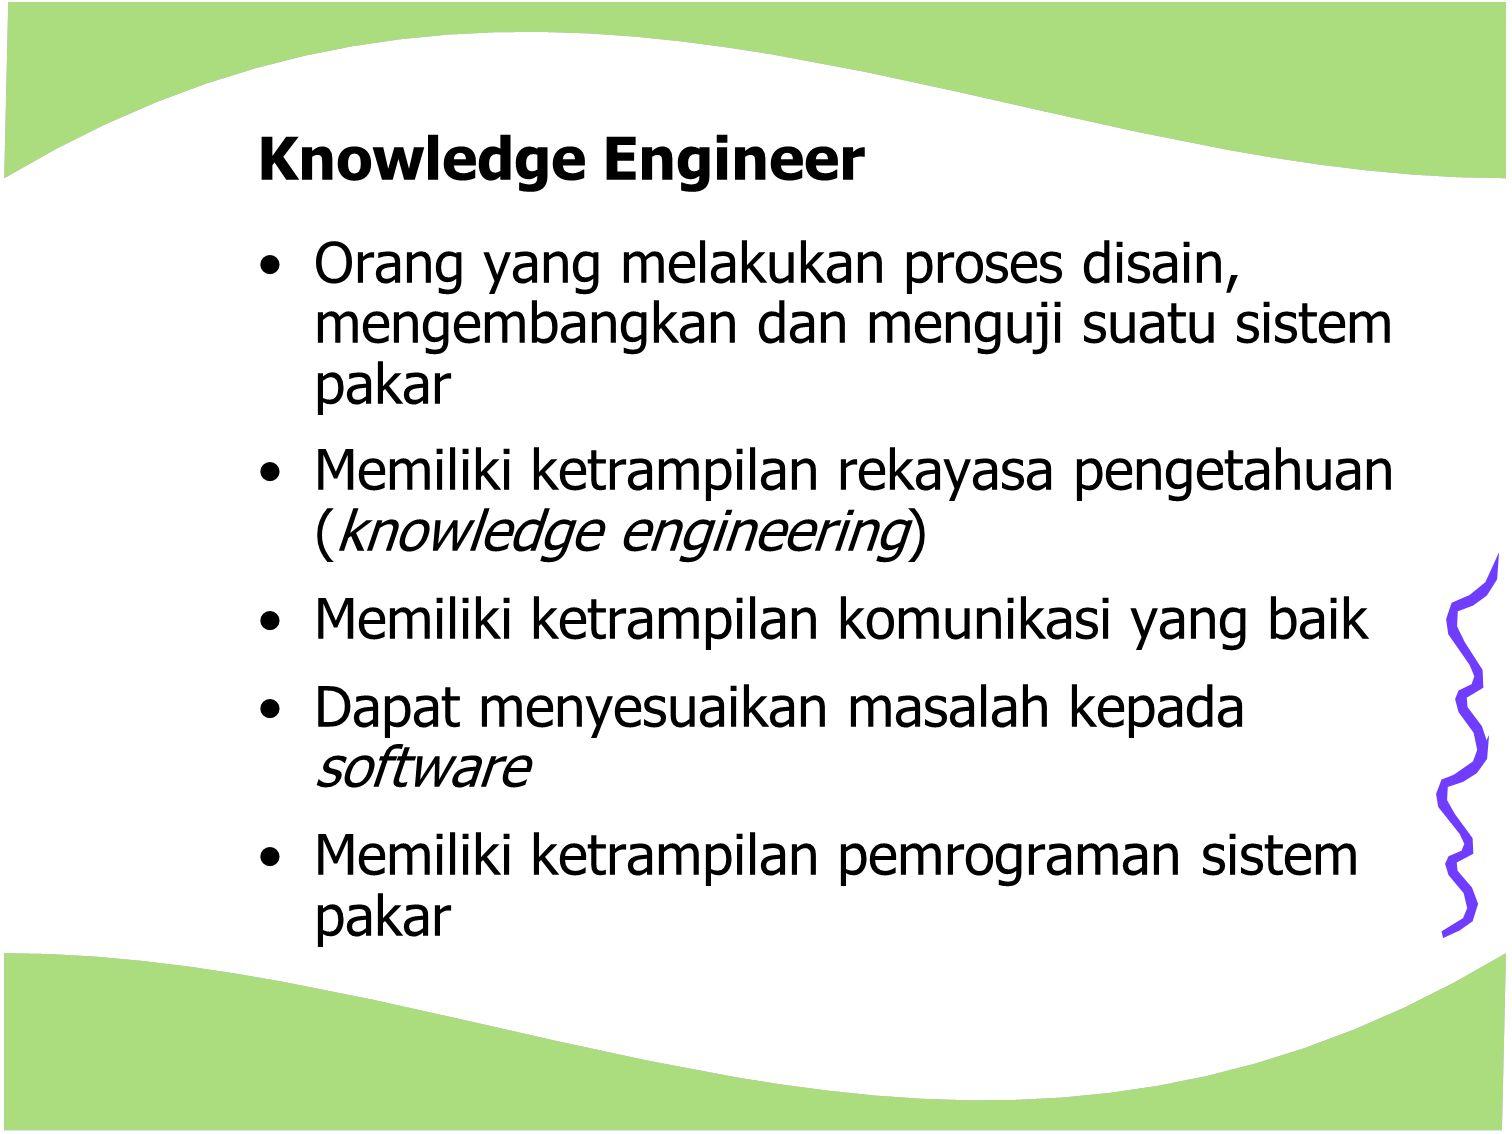 Knowledge Engineer Orang yang melakukan proses disain, mengembangkan dan menguji suatu sistem pakar.